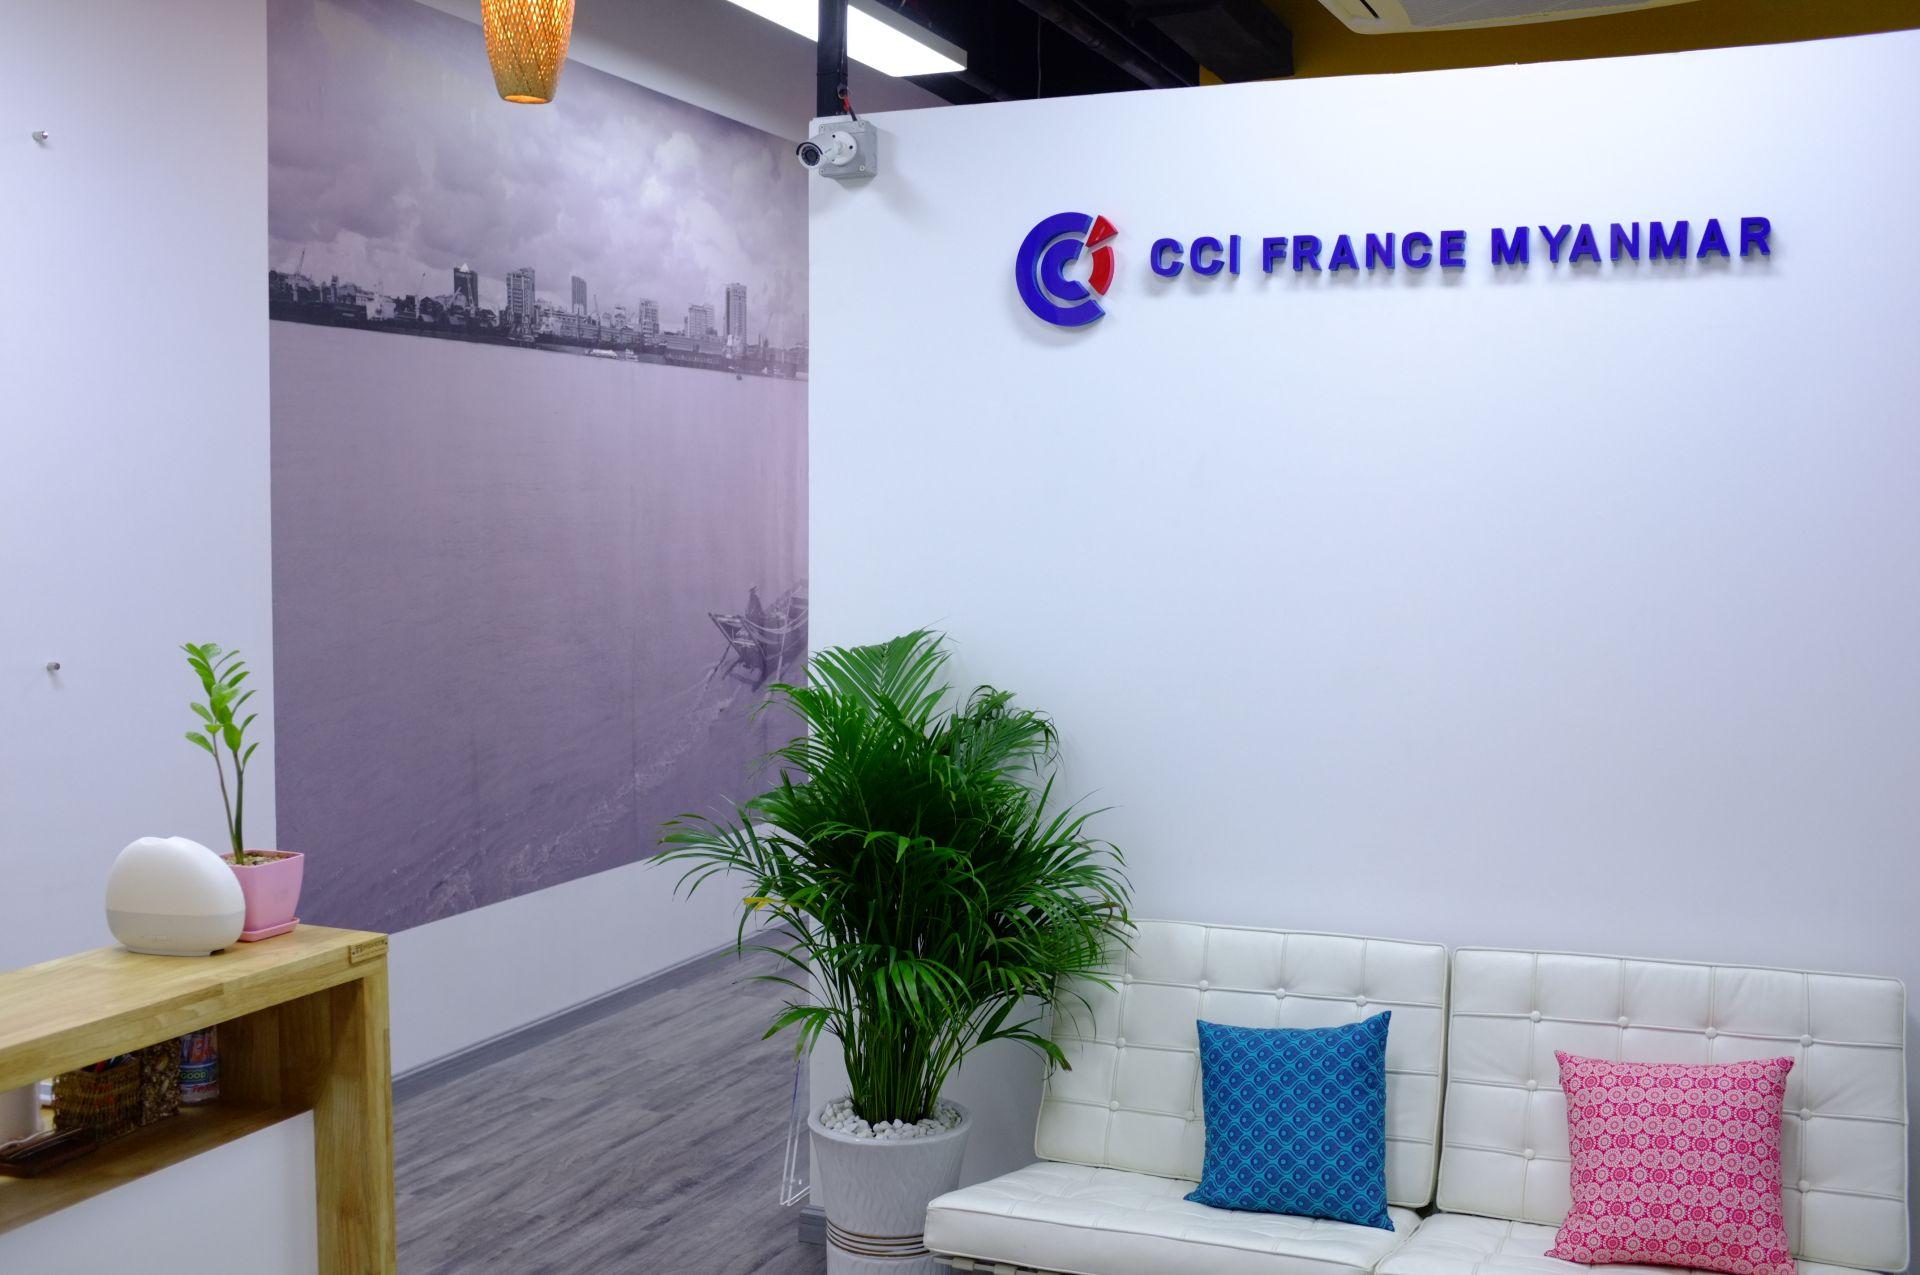 CCI France Myanmar, Yangon